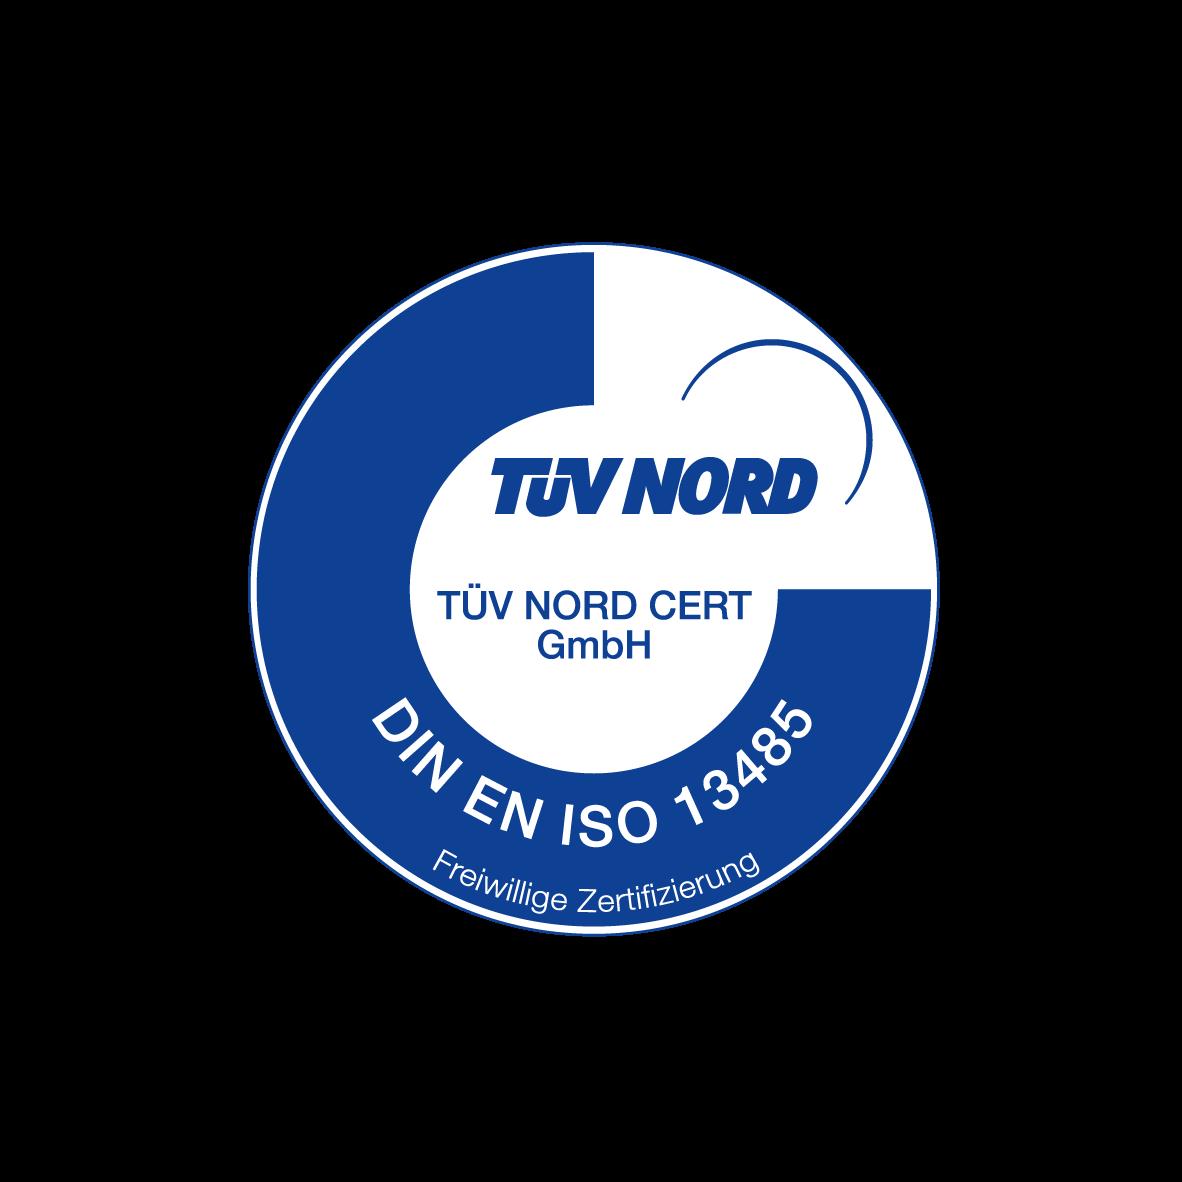 tüv_nord